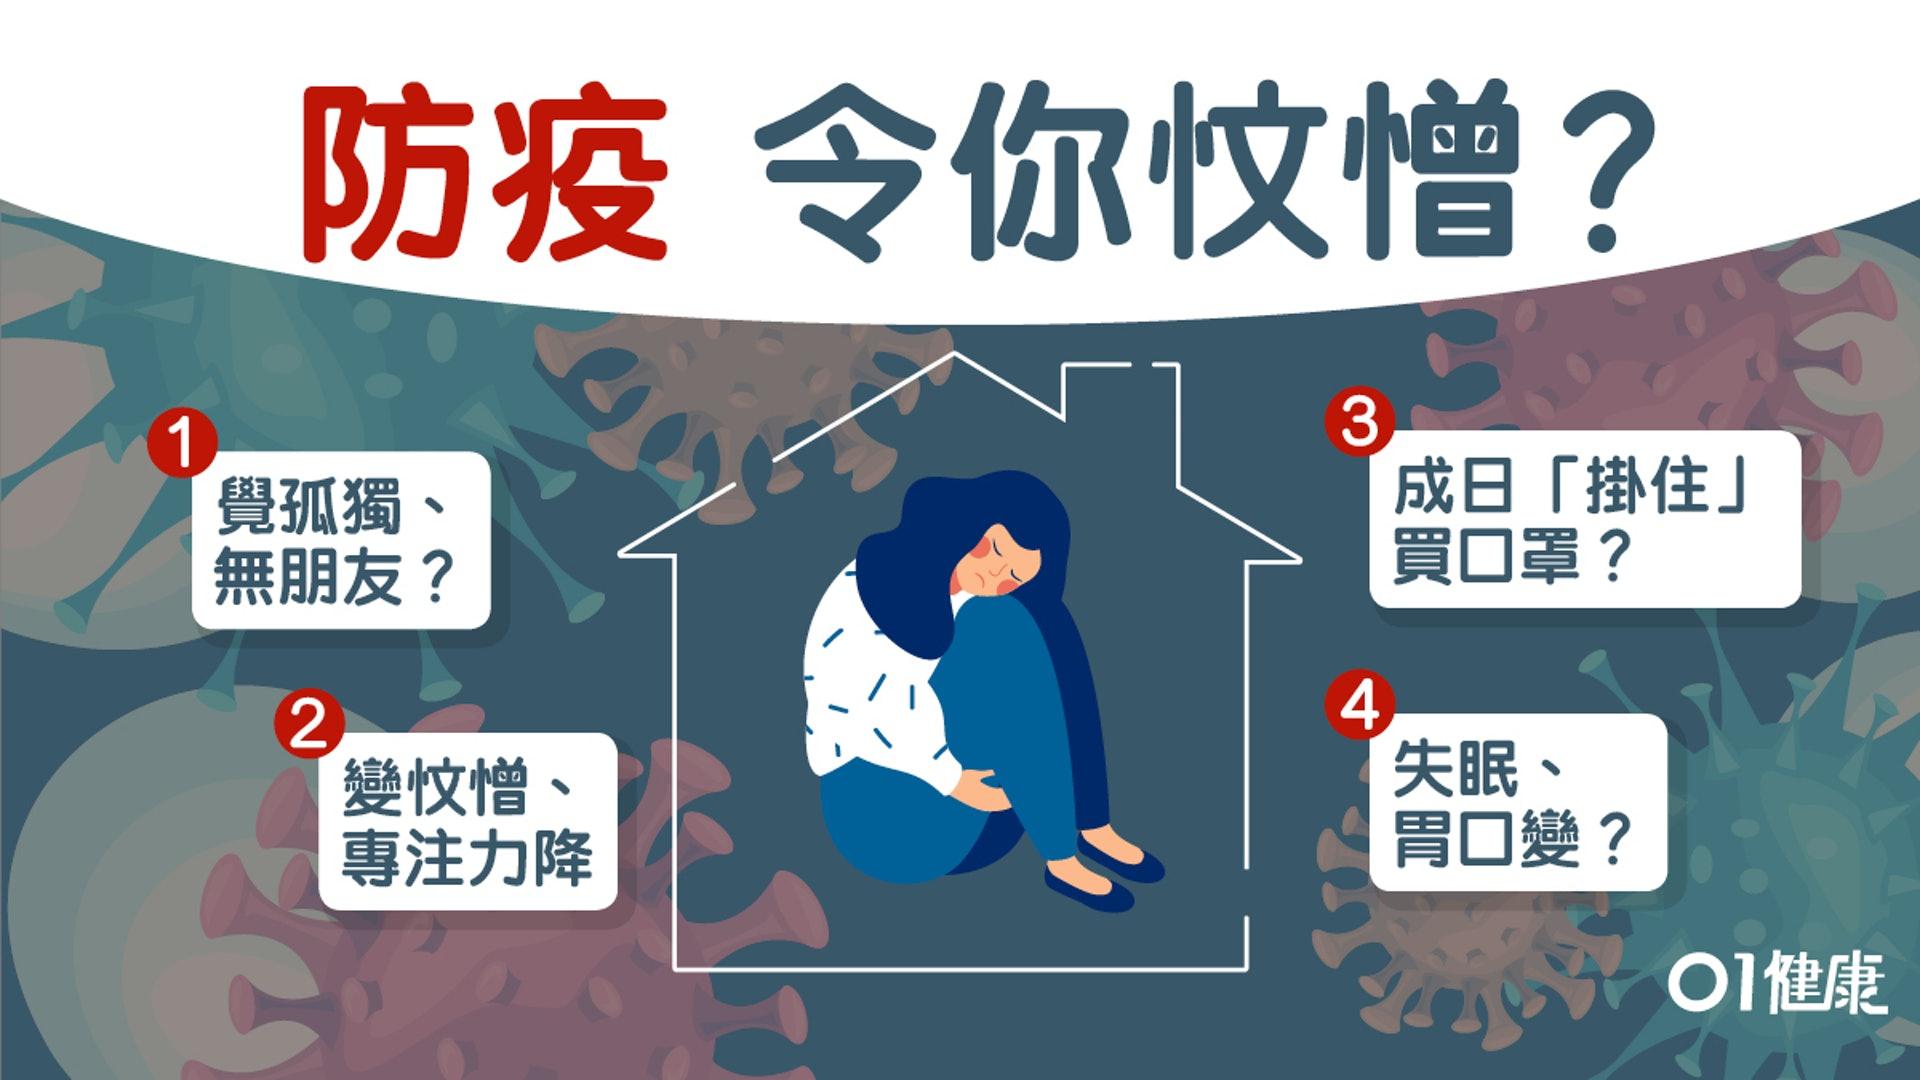 【抑鬱症】焦慮疫情失眠情緒病易發作? 紓緩抑鬱困擾6大建議(01製圖)